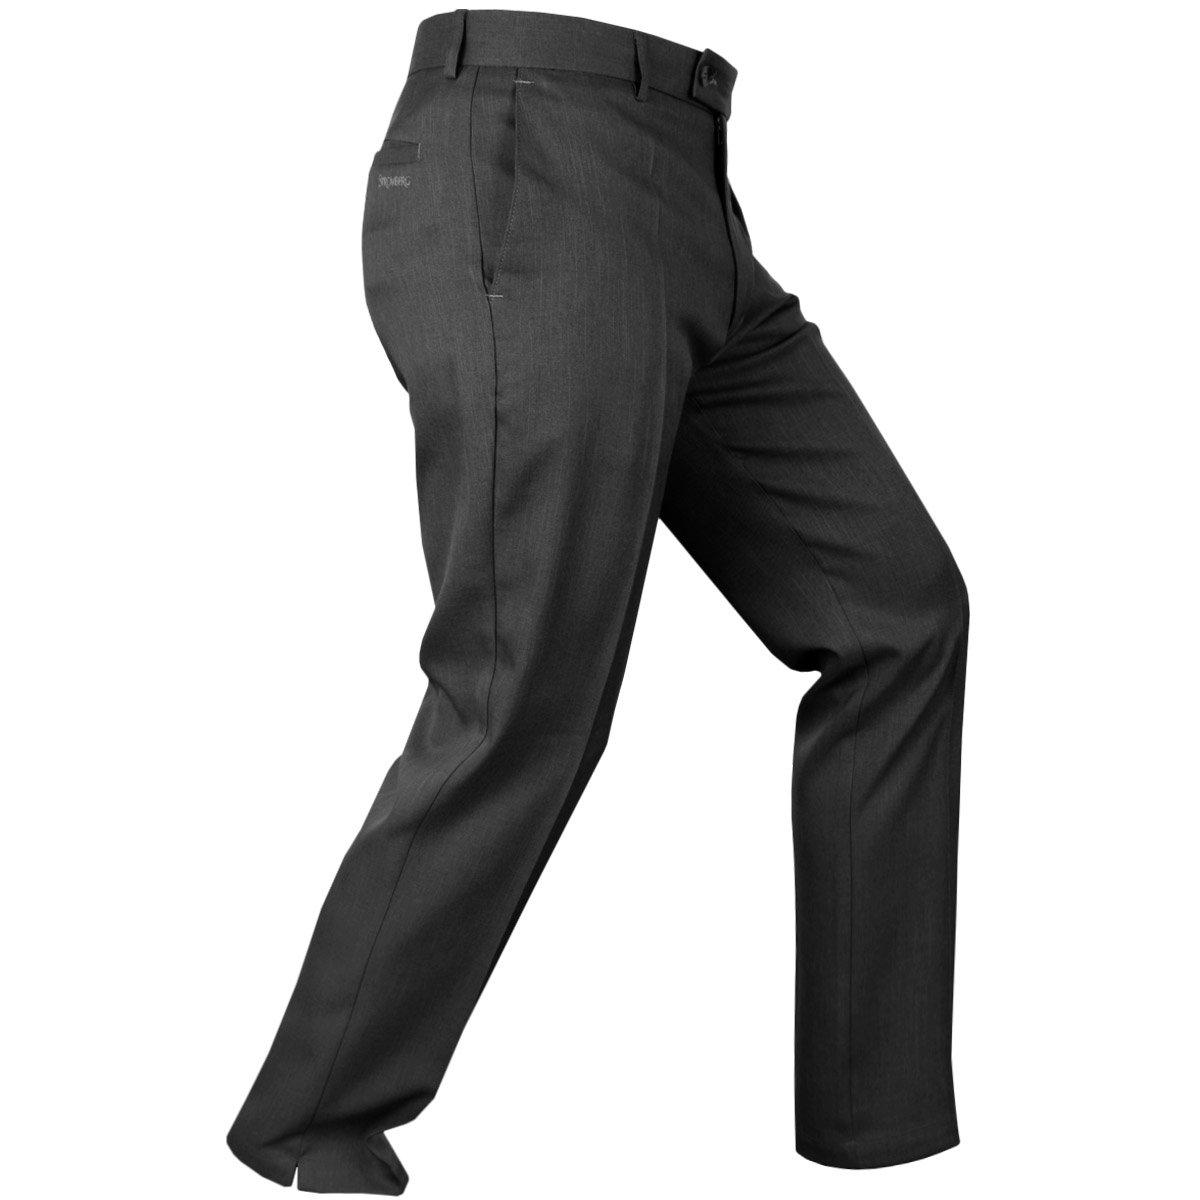 StrombergメンズハロゲイトクラシックTaperedゴルフパンツ – US 32 – 29 – ブラック   B01EAQSN5S